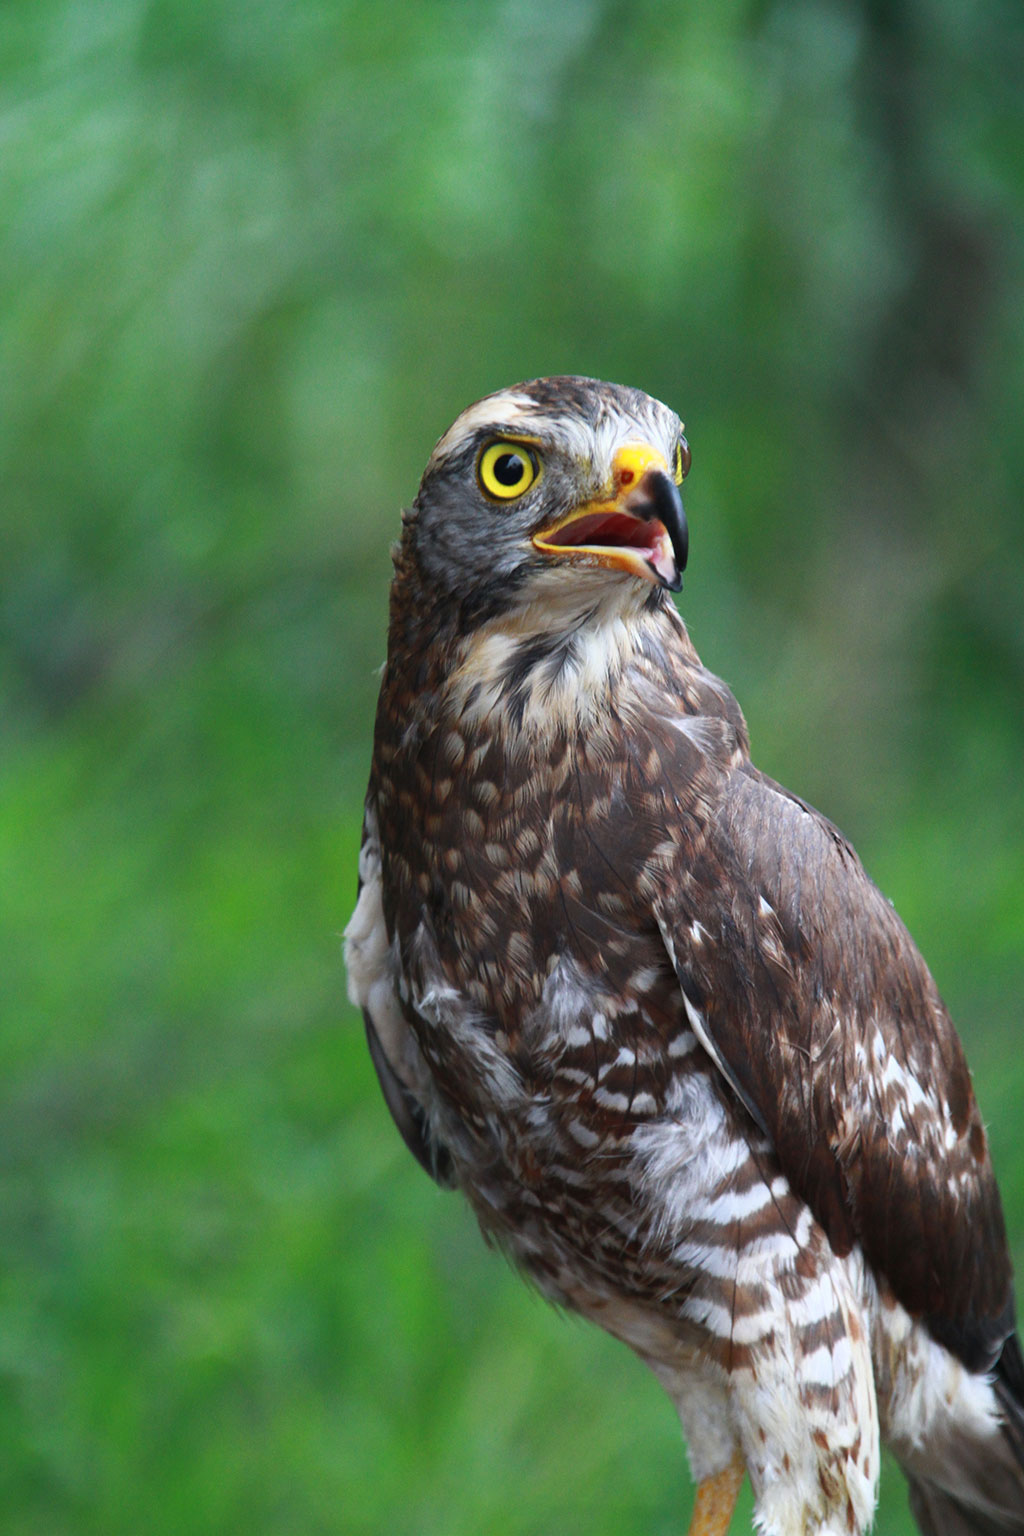 灰面鵟鹰(亚成鸟,尚未完全成长)的睥睨英姿